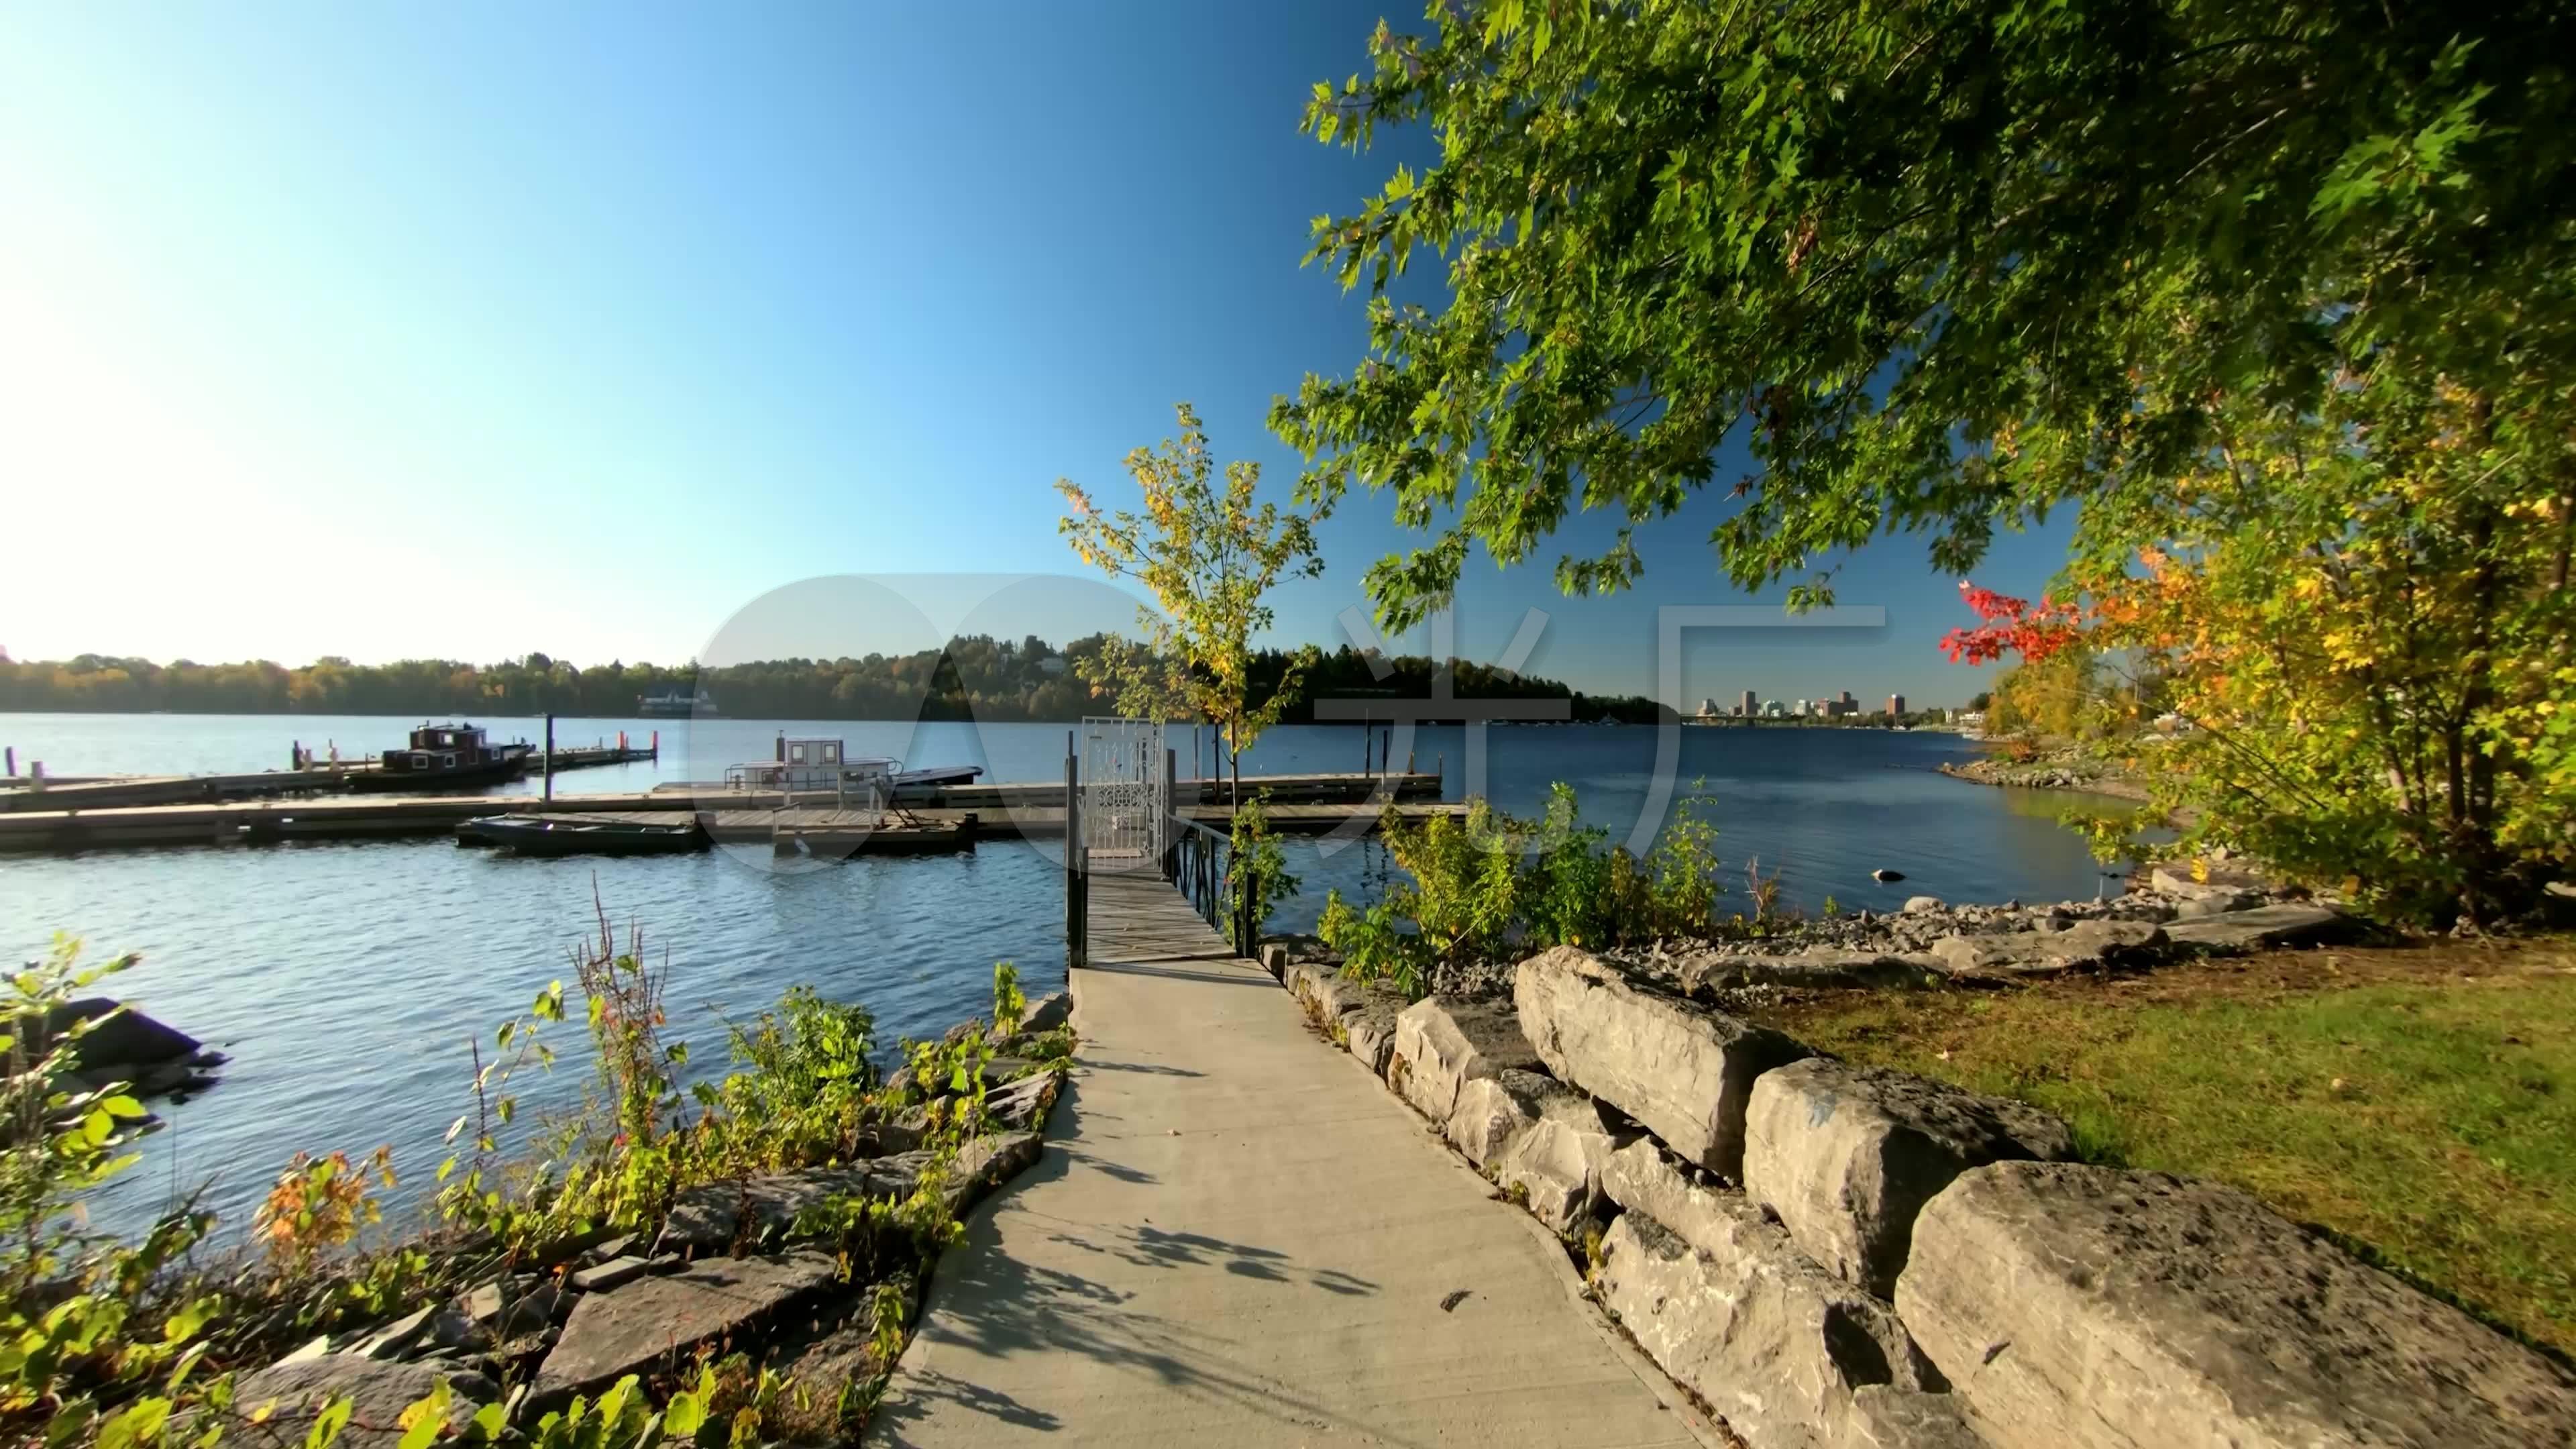 森林氧吧湖边观景台唯美自然景观